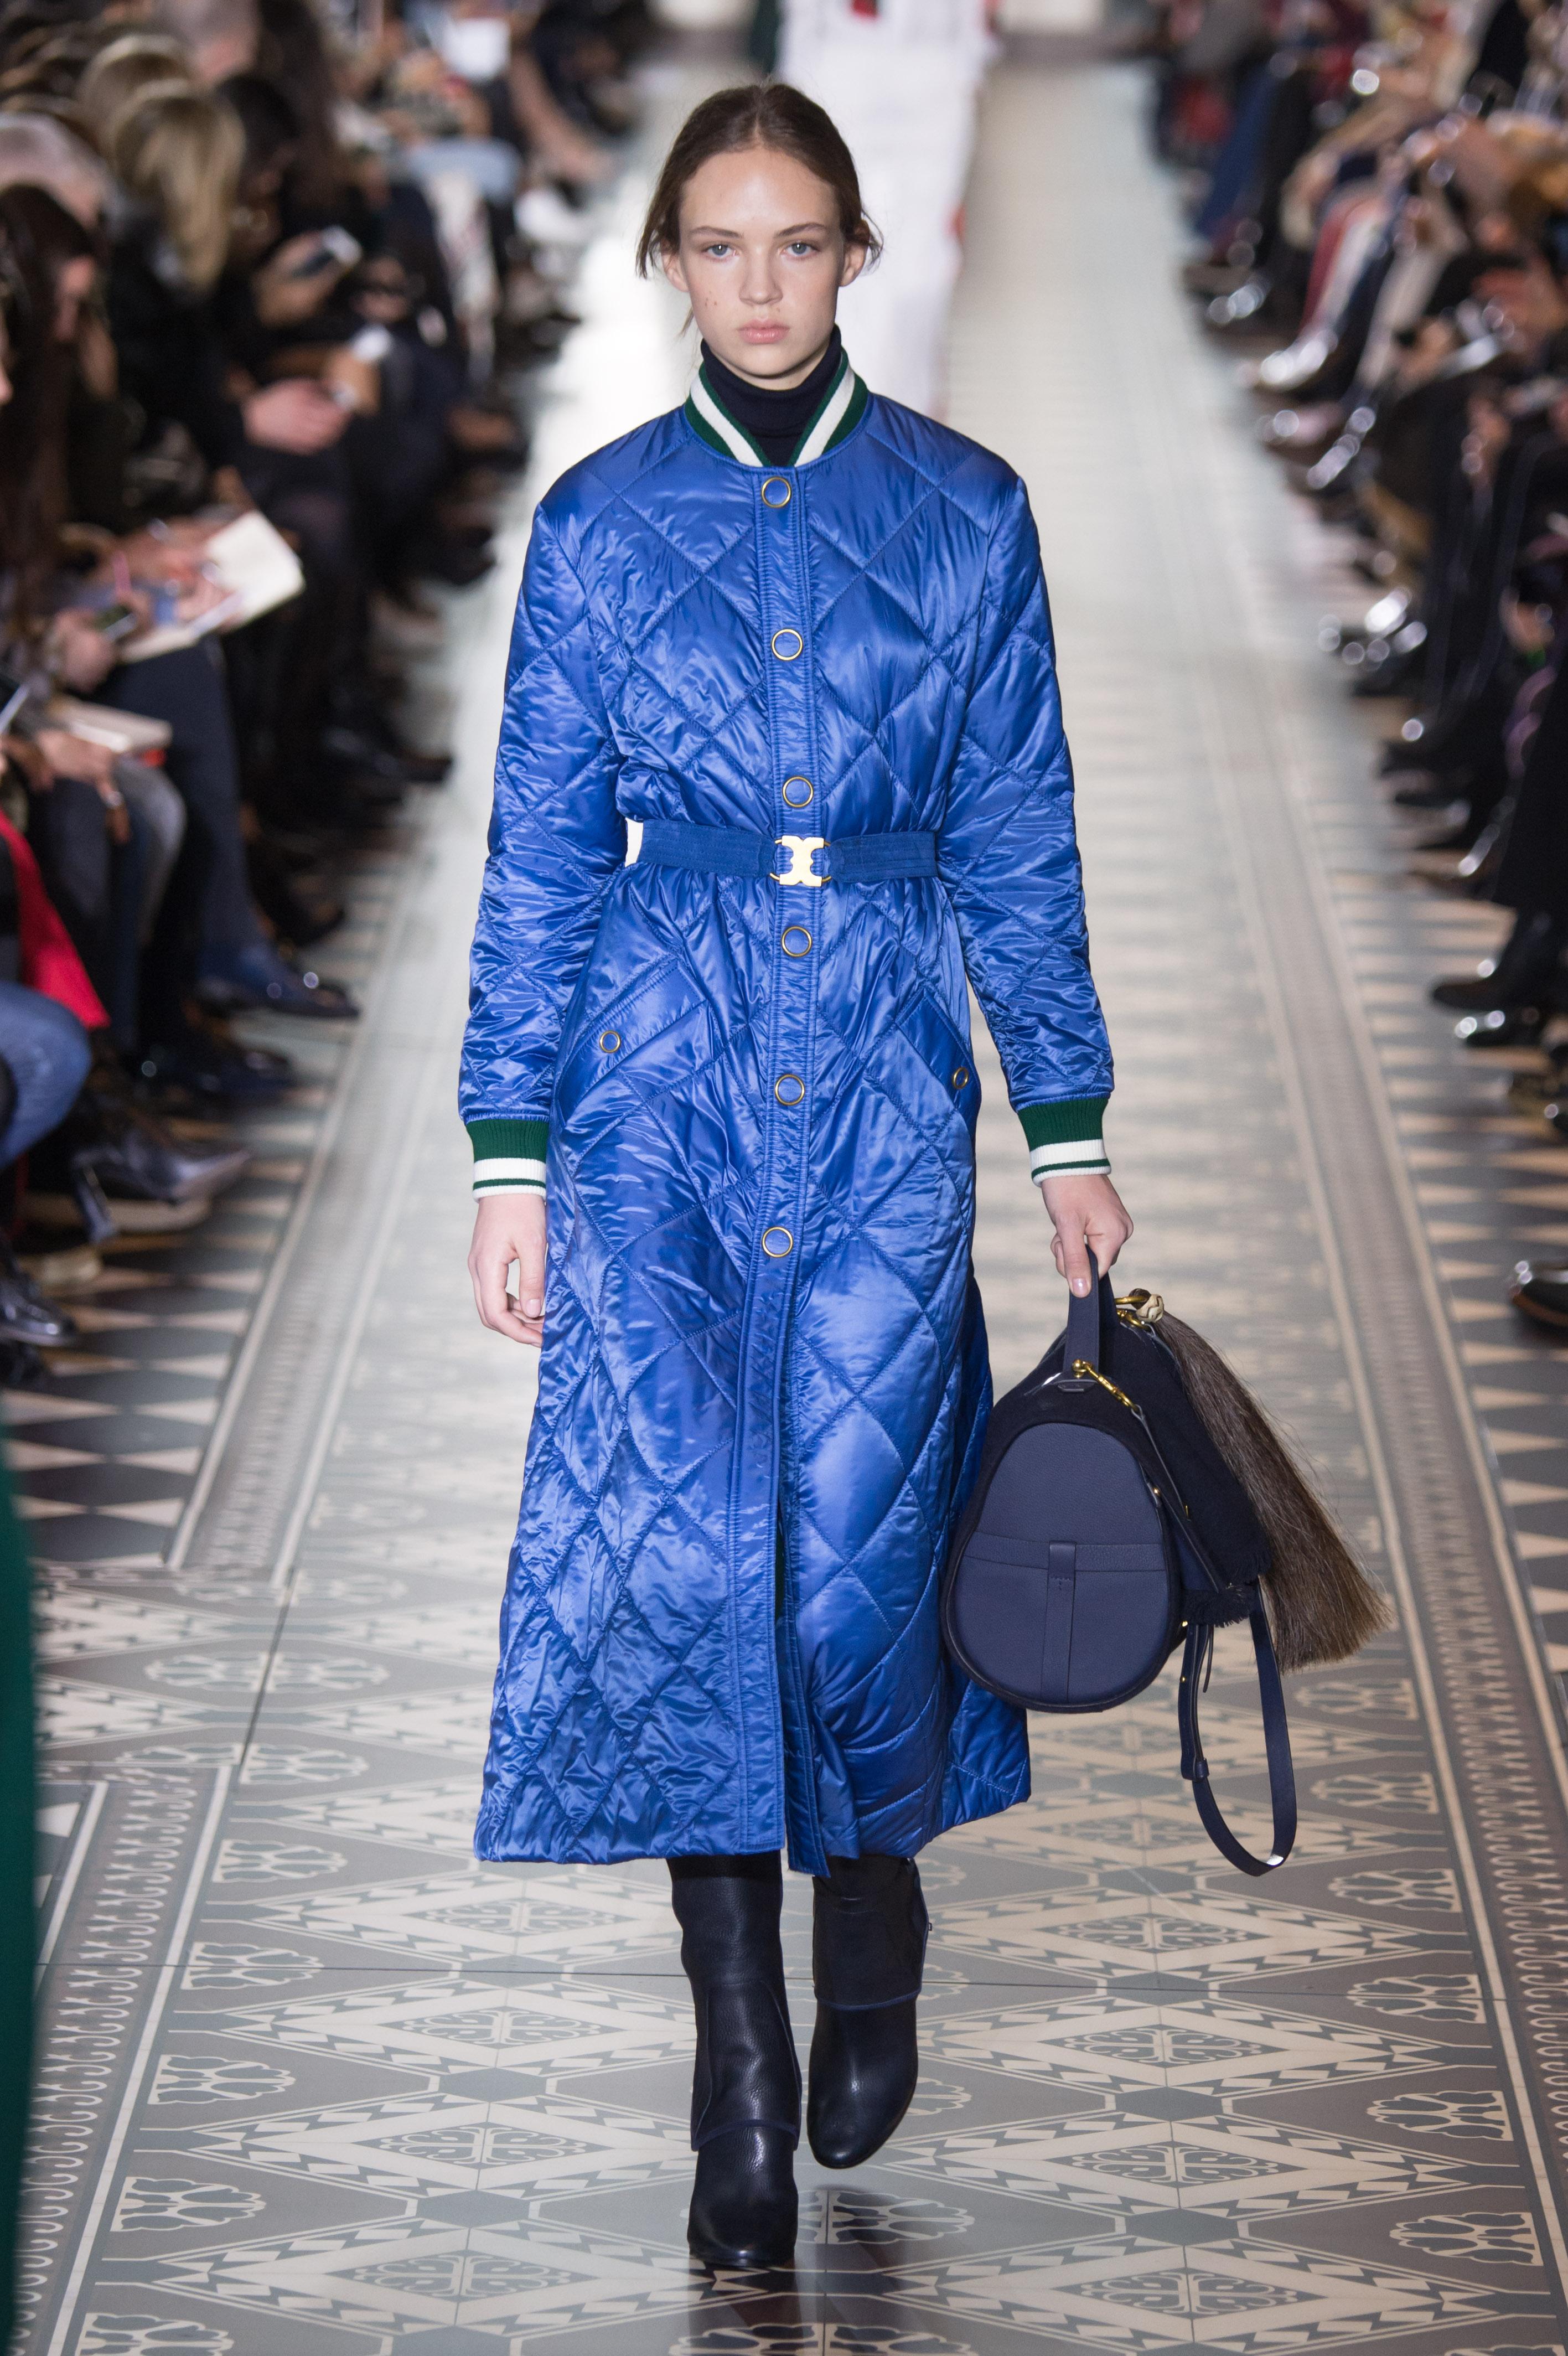 trend daune pufferjacket designer catwalk laufsteg